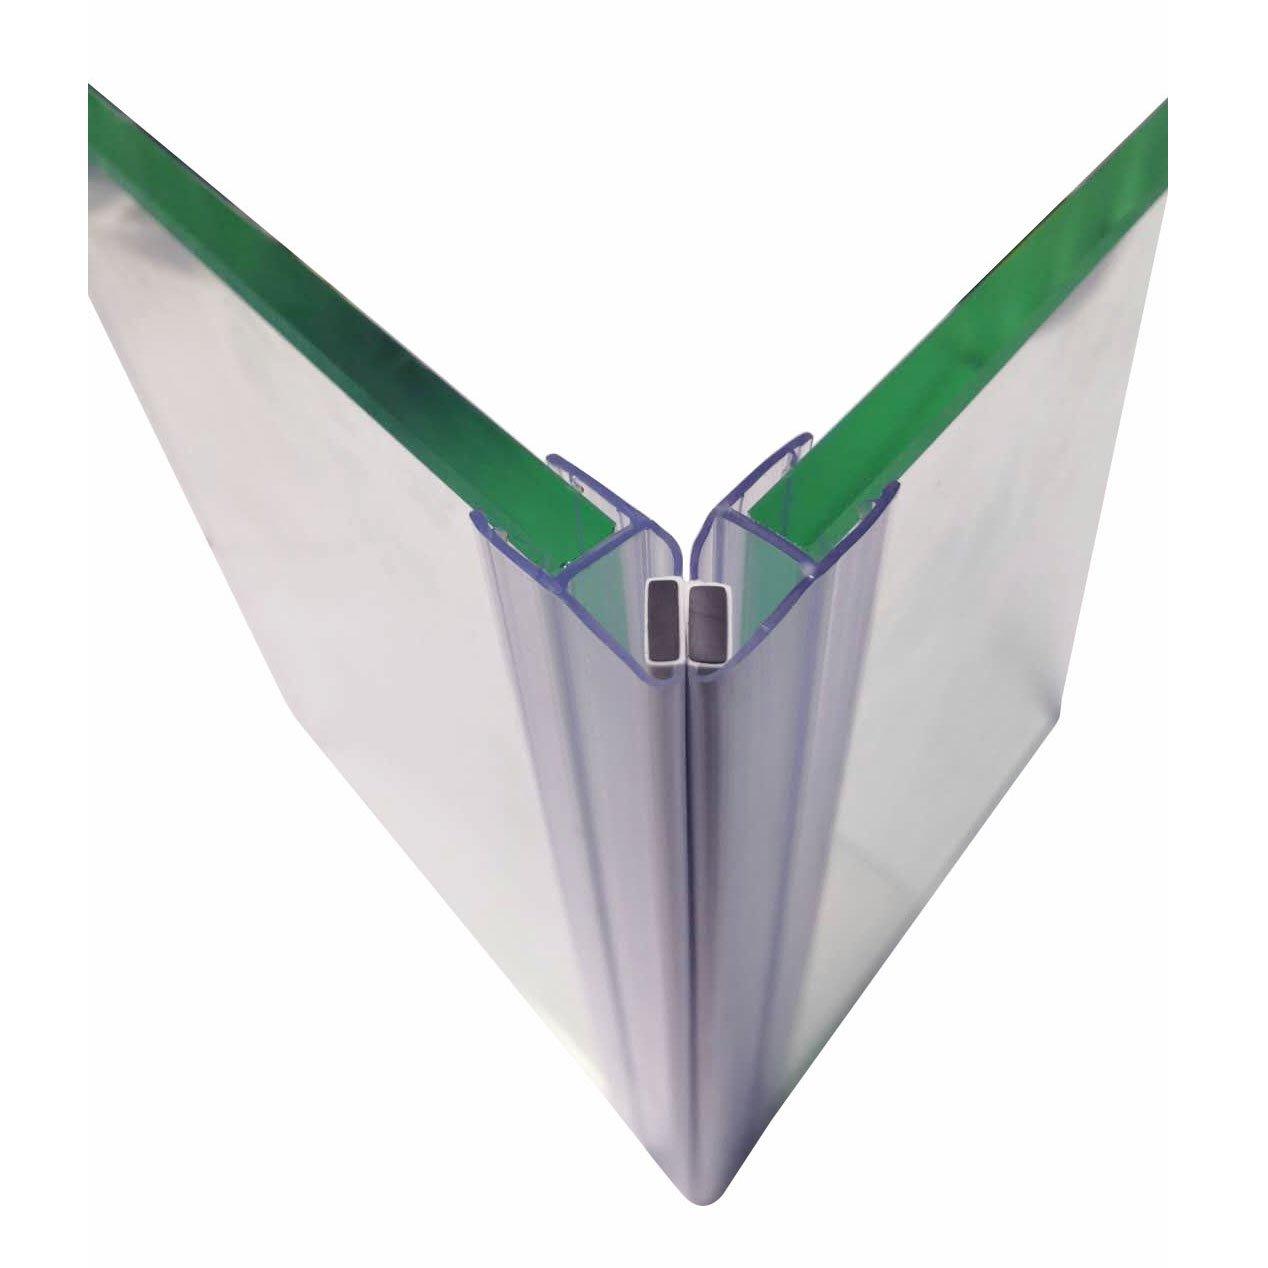 Duschdichtung Magnetdichtung (1 Paar) - für BERNSTEIN Duschkabinen EX213, EX506, EX802 - Glasstärke 6 mm zoom thumbnail 3